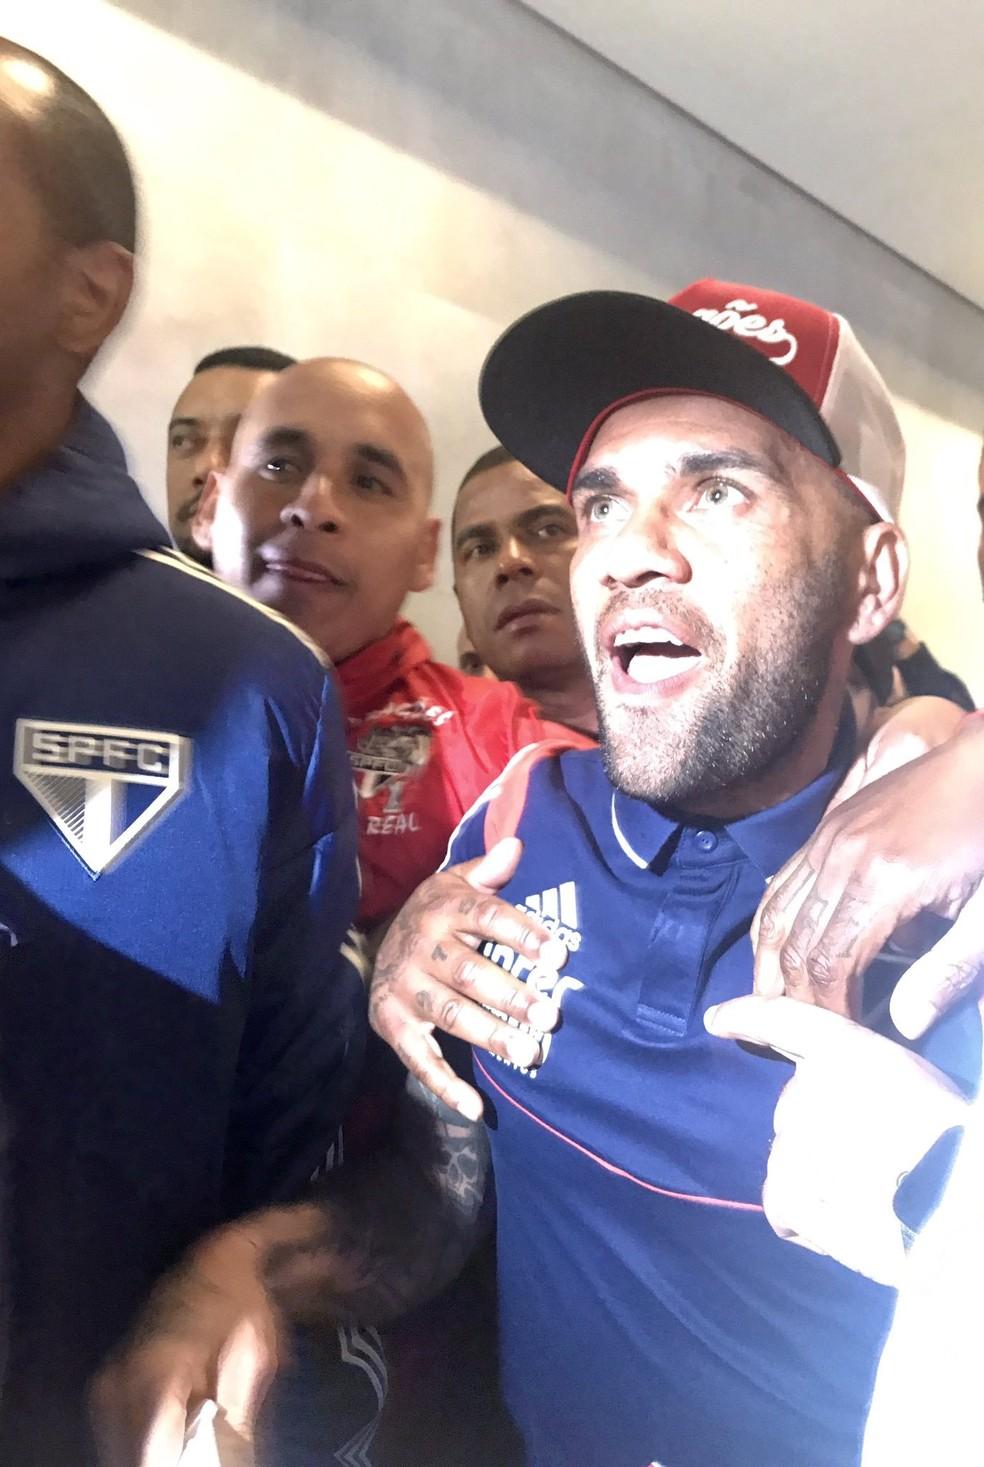 Daniel na chegada ao aeroporto de Congonhas — Foto: São Paulo FC / divulgação